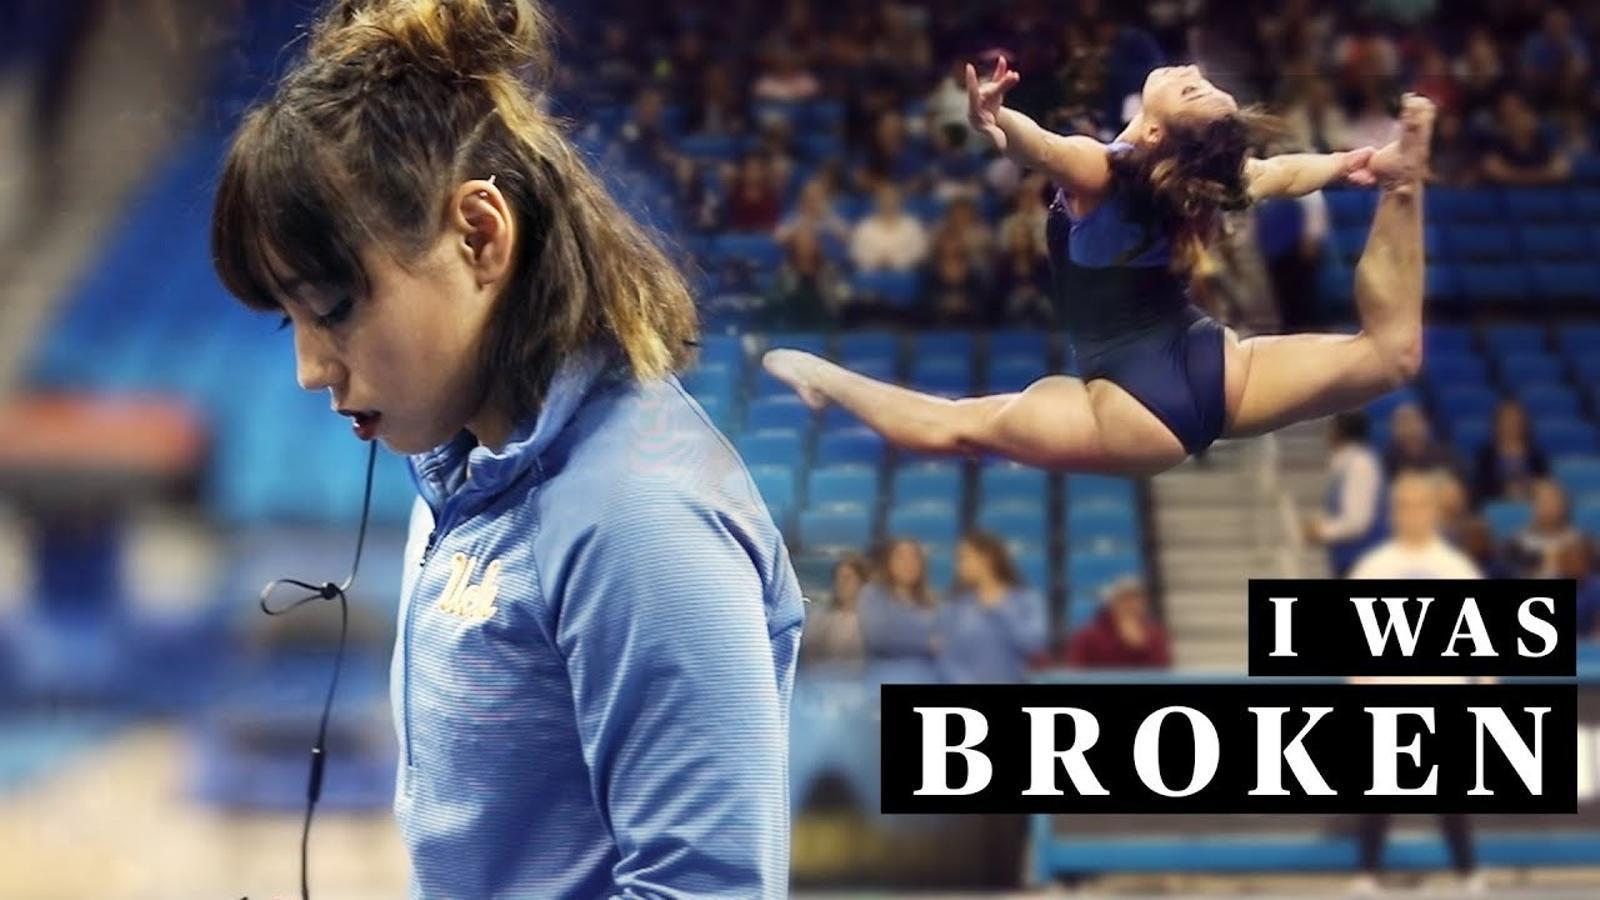 La gimnasta Katelyn Ohashi explica per què va deixar la gimnàstica d'elit